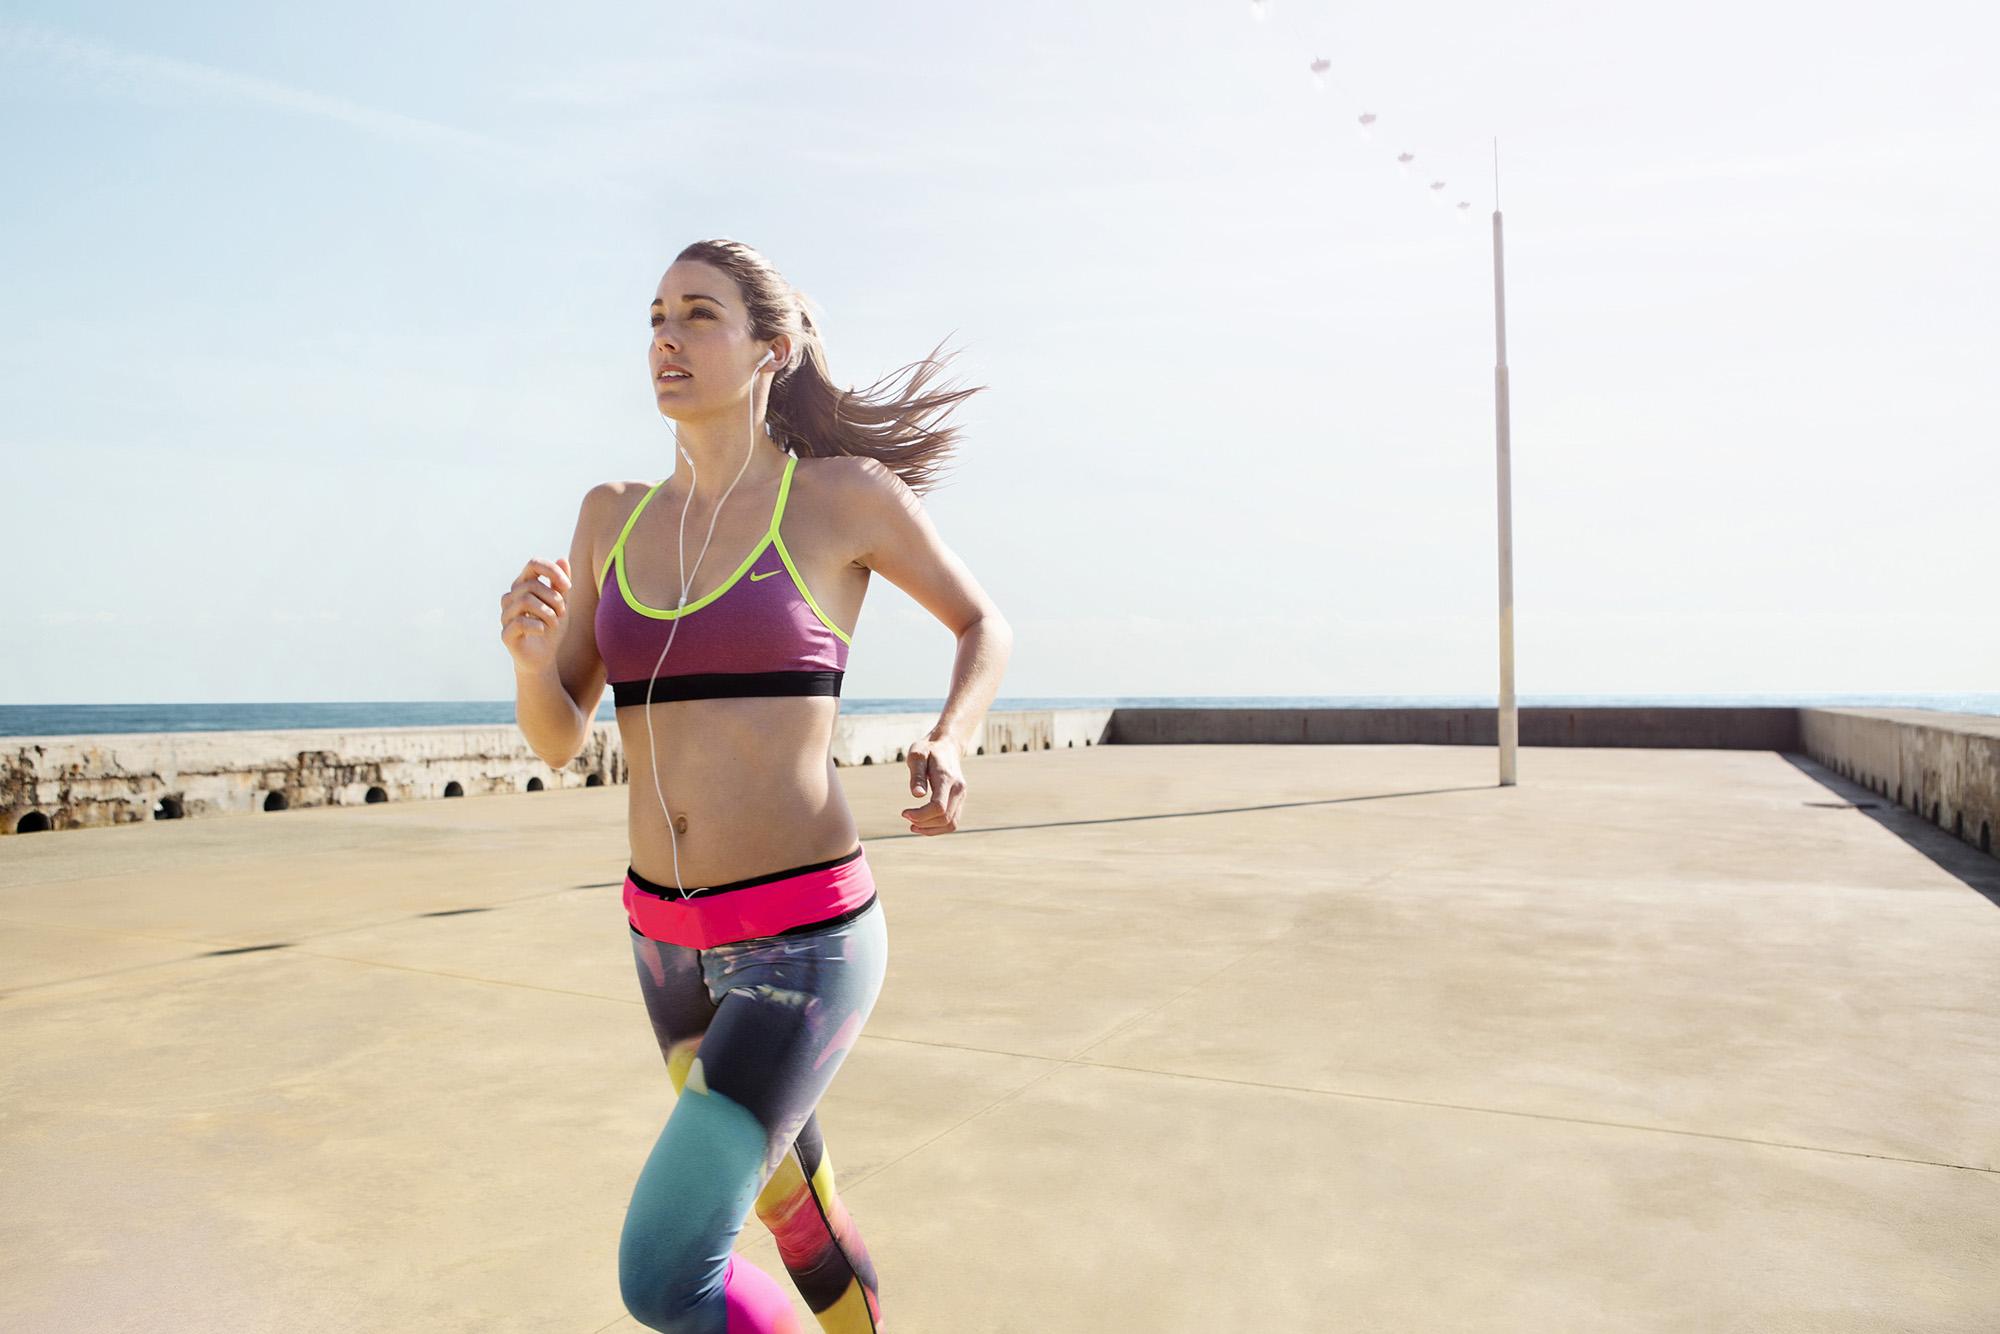 Hacer deporte reduce en un 29% el riesgo de muerte prematura